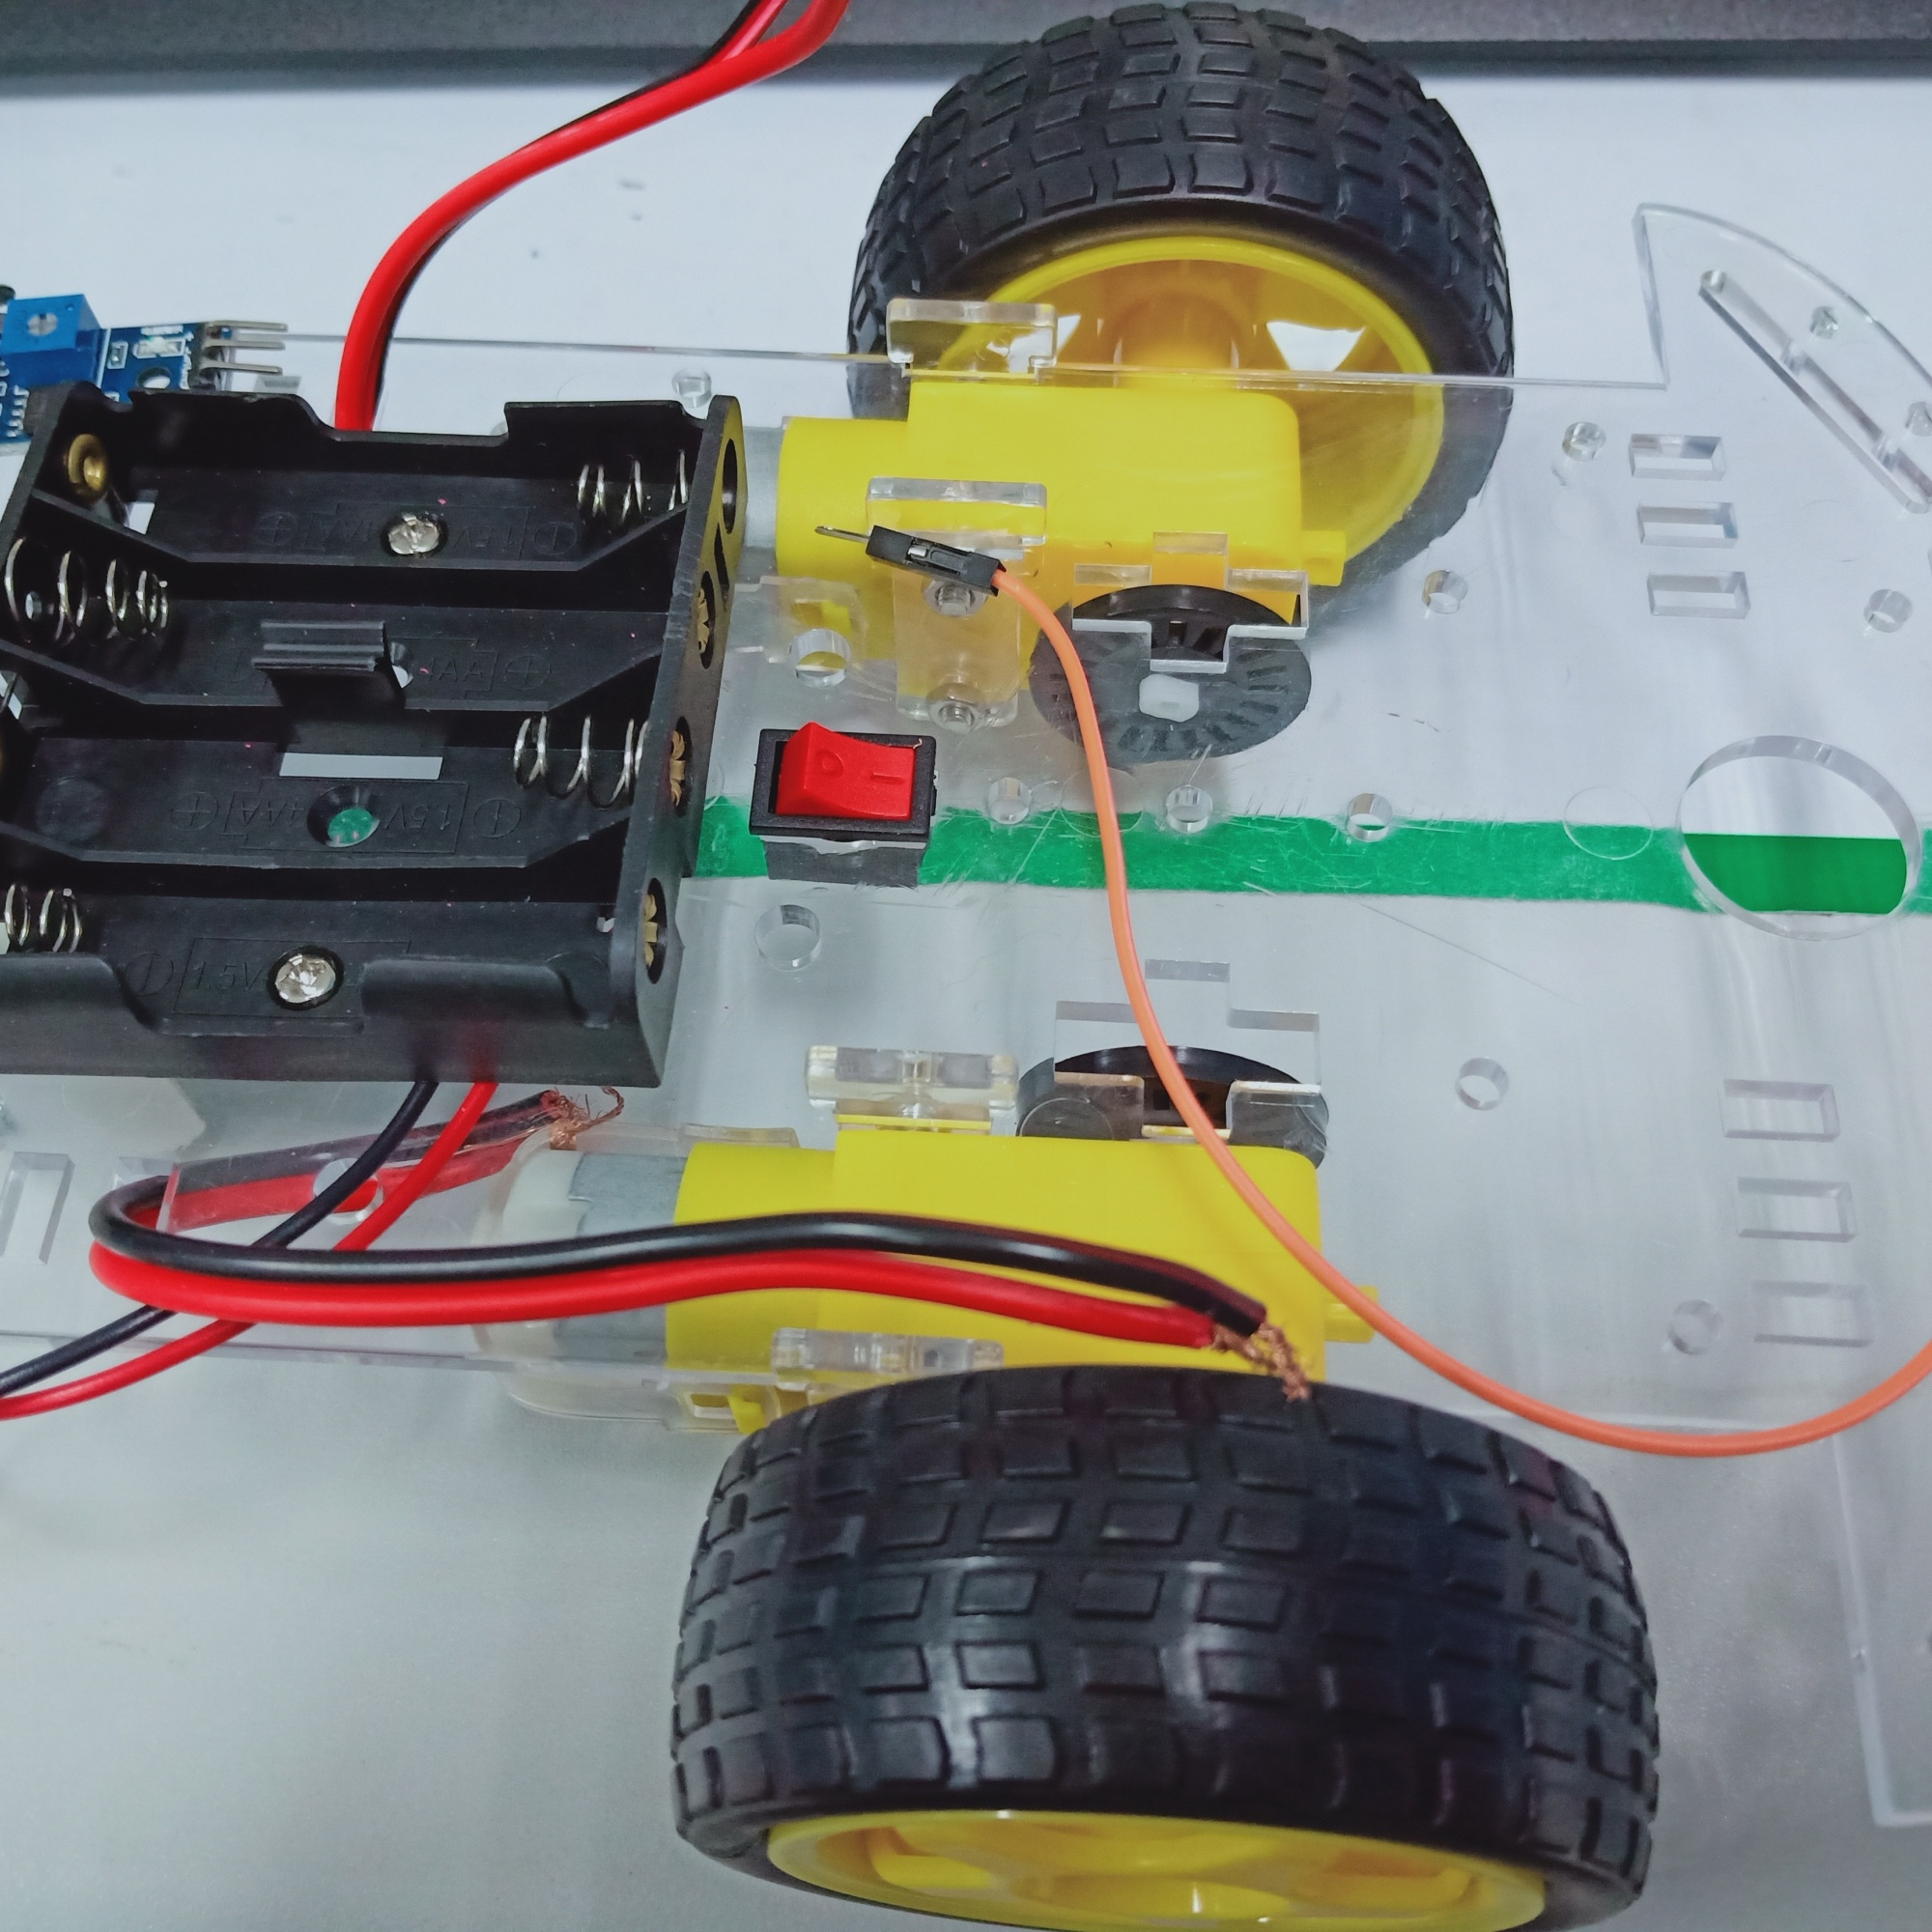 大佬可以教教如何做Arduino UNO小车的智能避障嘛?